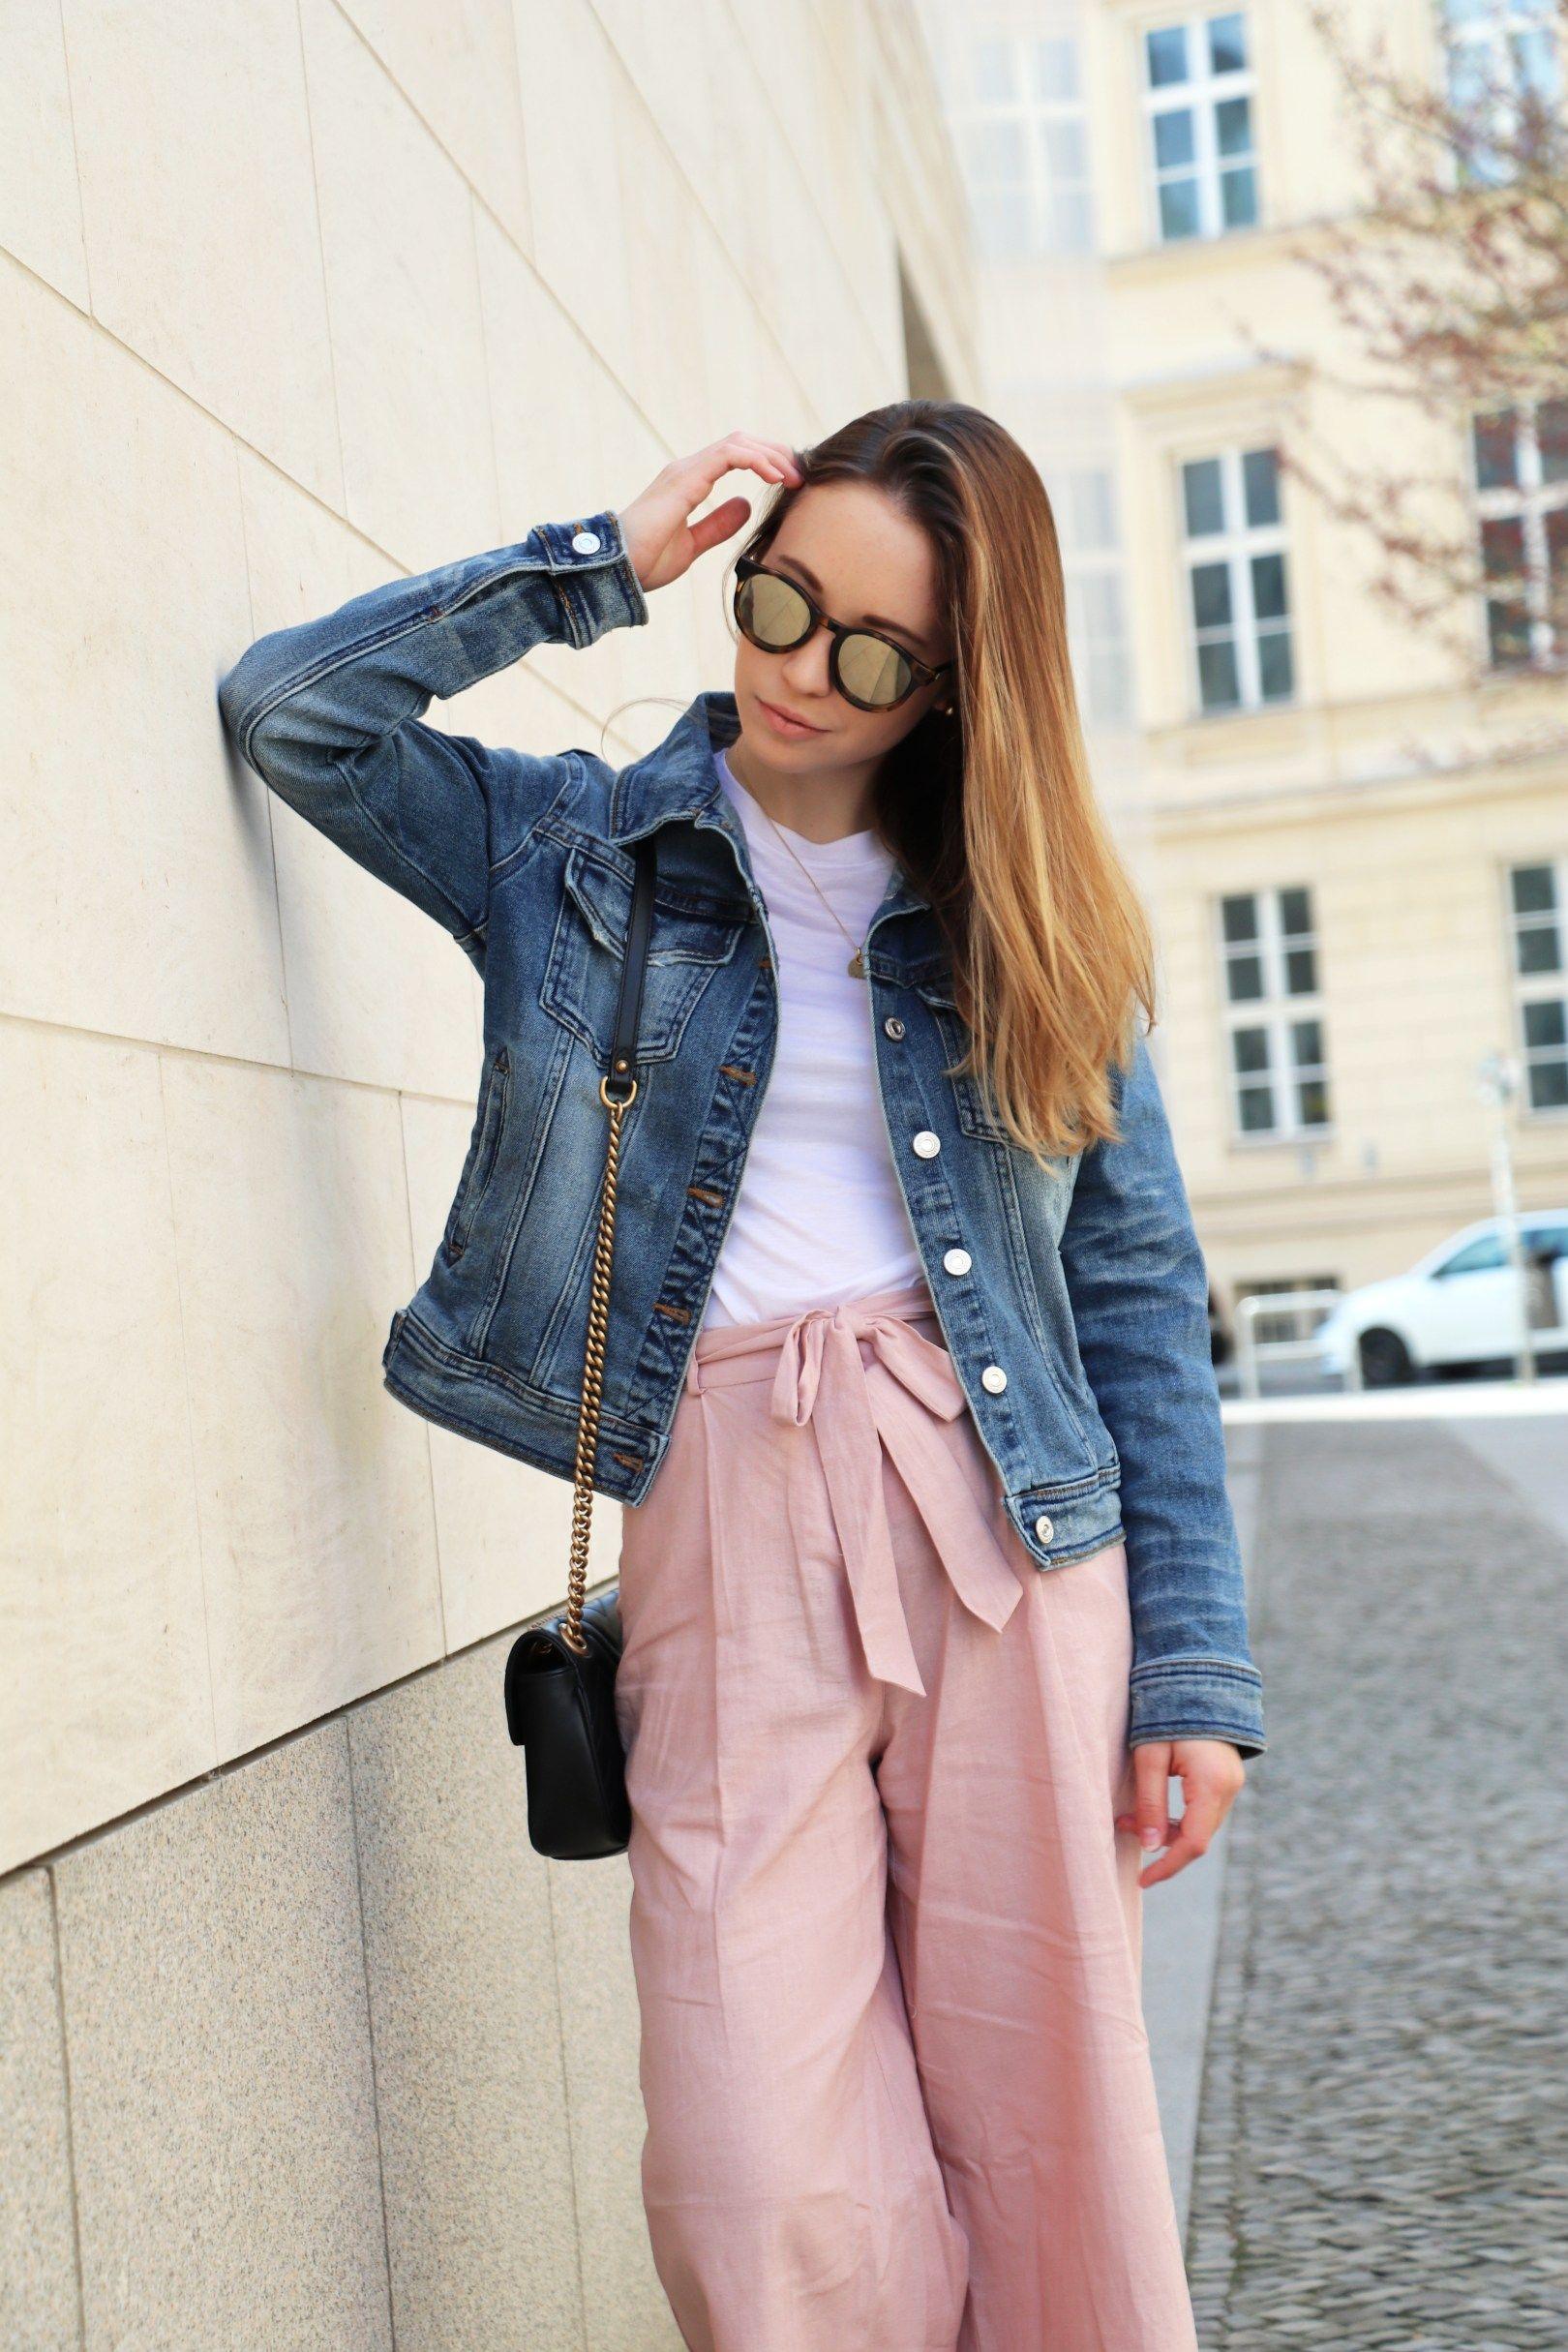 7117c63b50 Rosa Culotte, Outfit mit Culotte, Culotte kombinieren, Culotte stylen,  Culotte stylen Sommer, Culotte mit Jeansjacke, Outfit mit Jeansjacke, ...